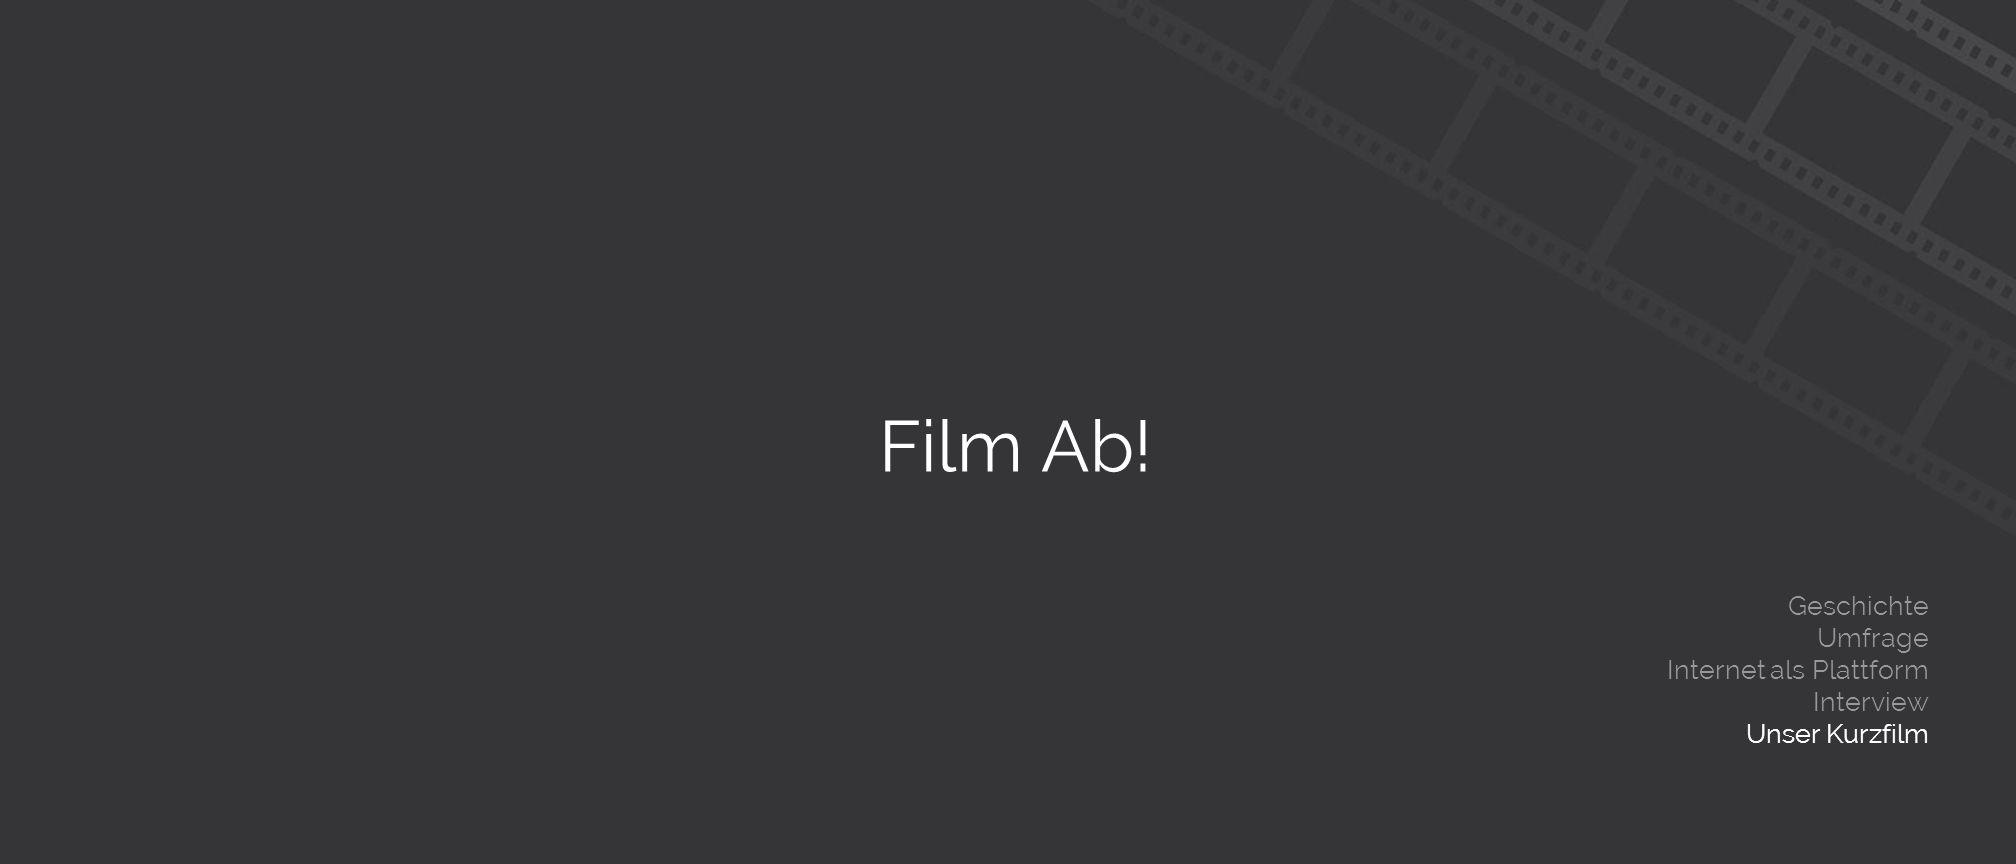 Film Ab! Geschichte Umfrage Internet als Plattform Interview Unser Kurzfilm